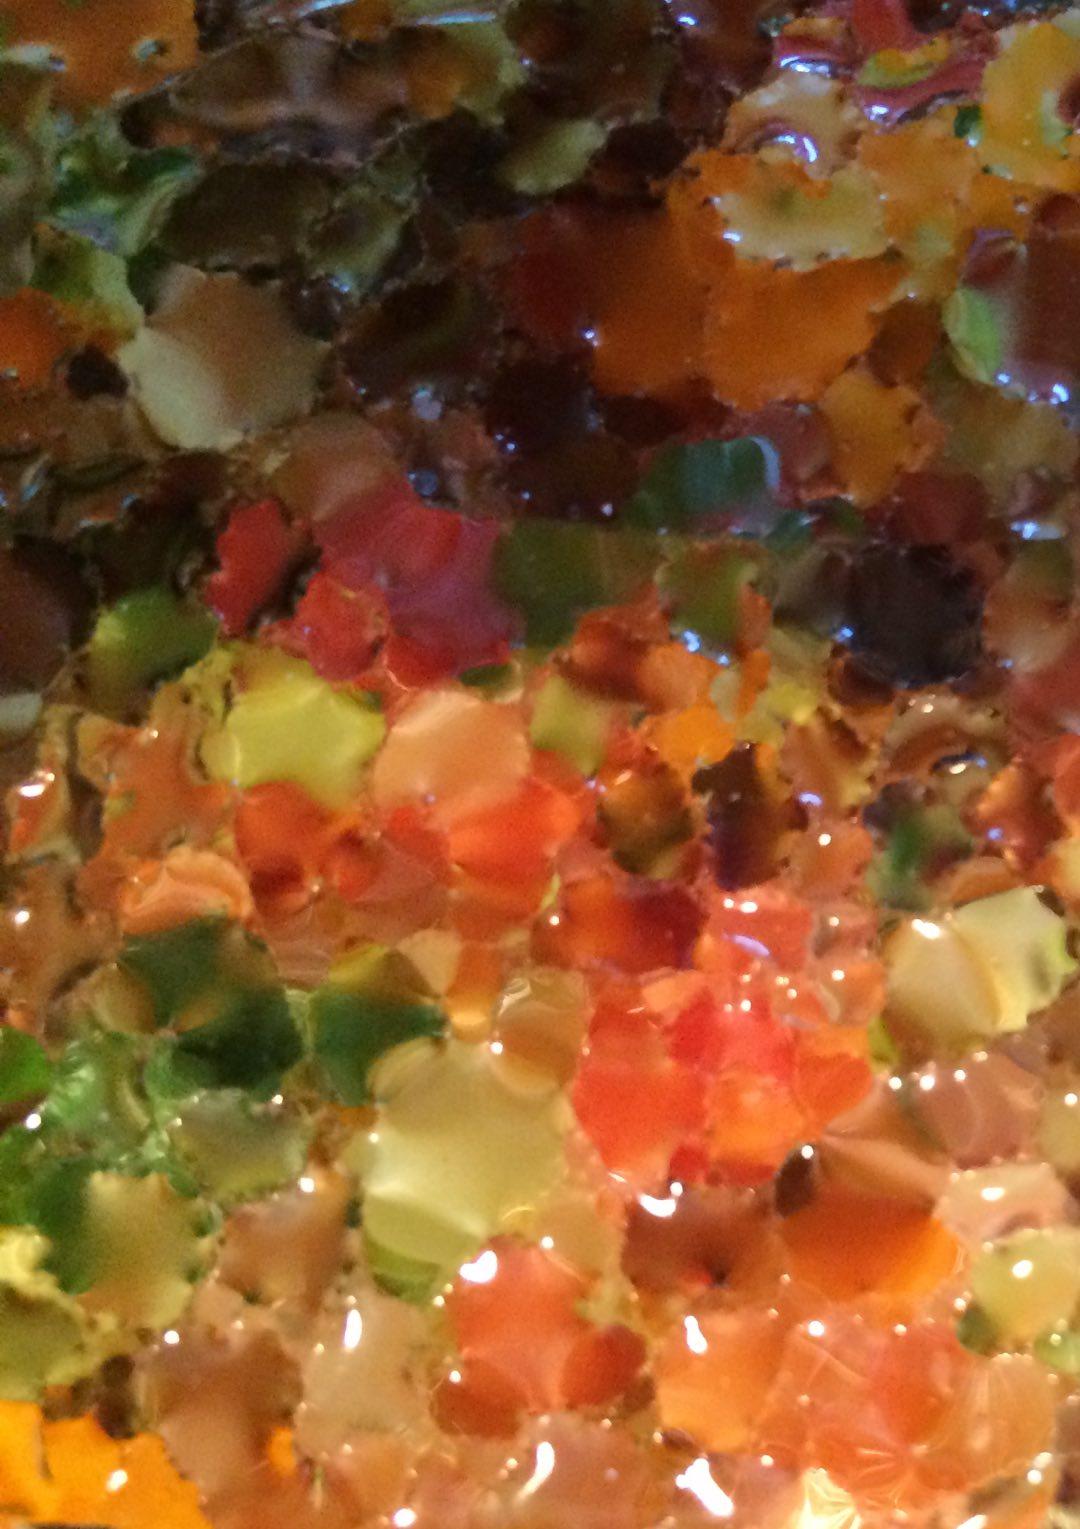 Ausschnitt Gemüsepfanne. Gemüse unter einer Glashaube.